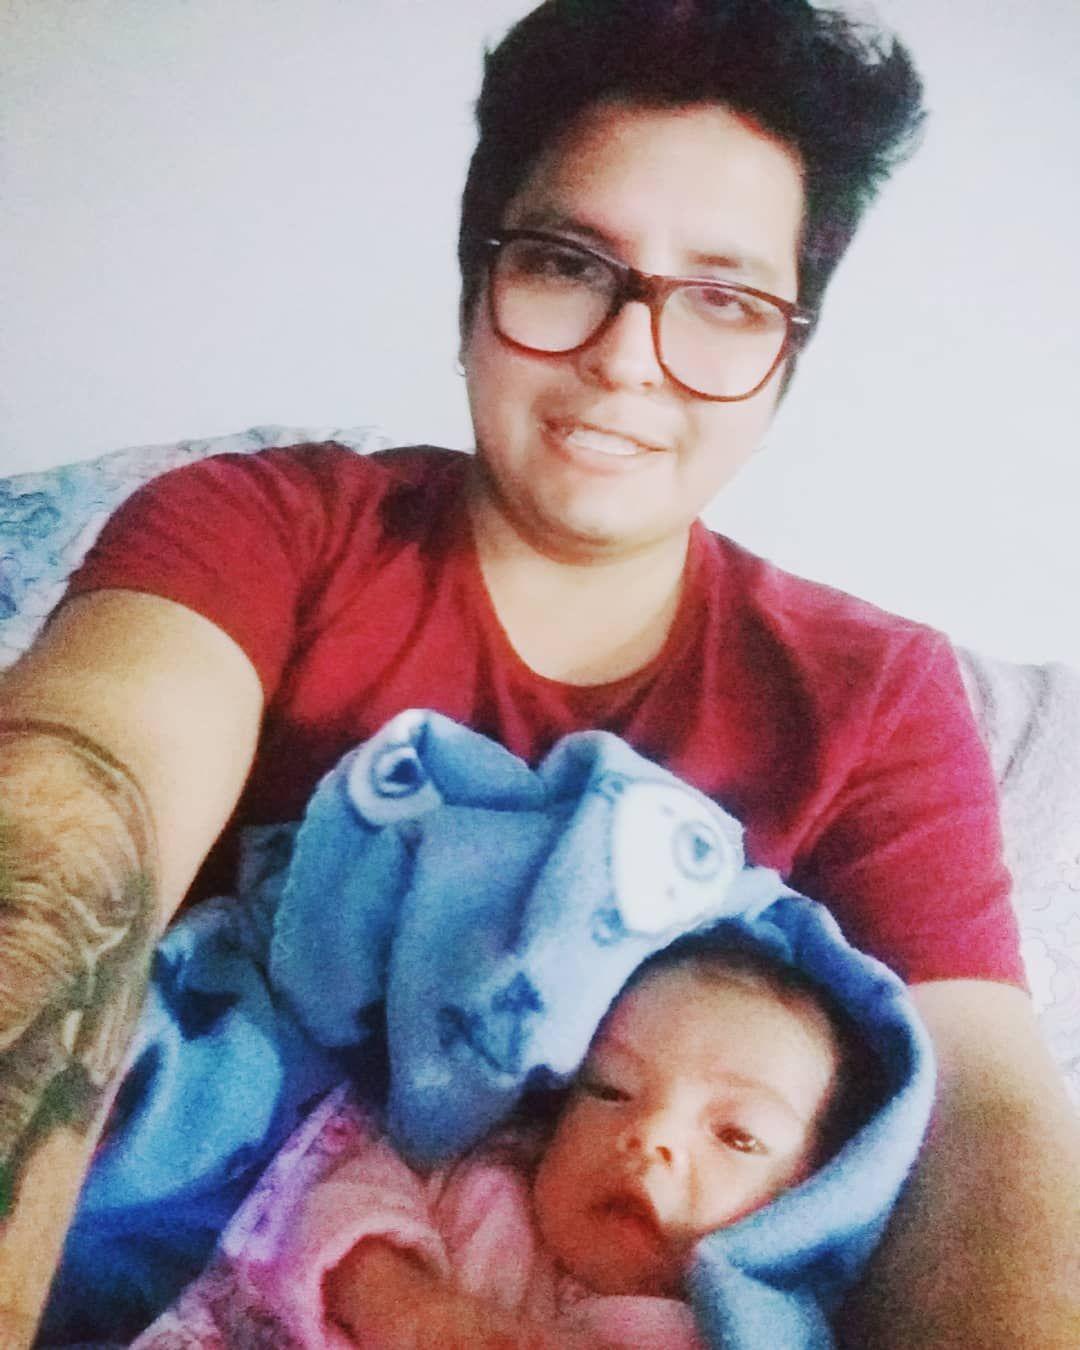 I in love 😍😍 #music #tattoo #Perú #musically #love #lovequotes #God #Bible #frases #style #escritos #baby #letras #poemasdeamor #escritores #vasco #diseño #diseñografico #instruments #minimalista #música #Lima #conservatorio #cultura #arte #bebe #libros #amor #alegre #vida